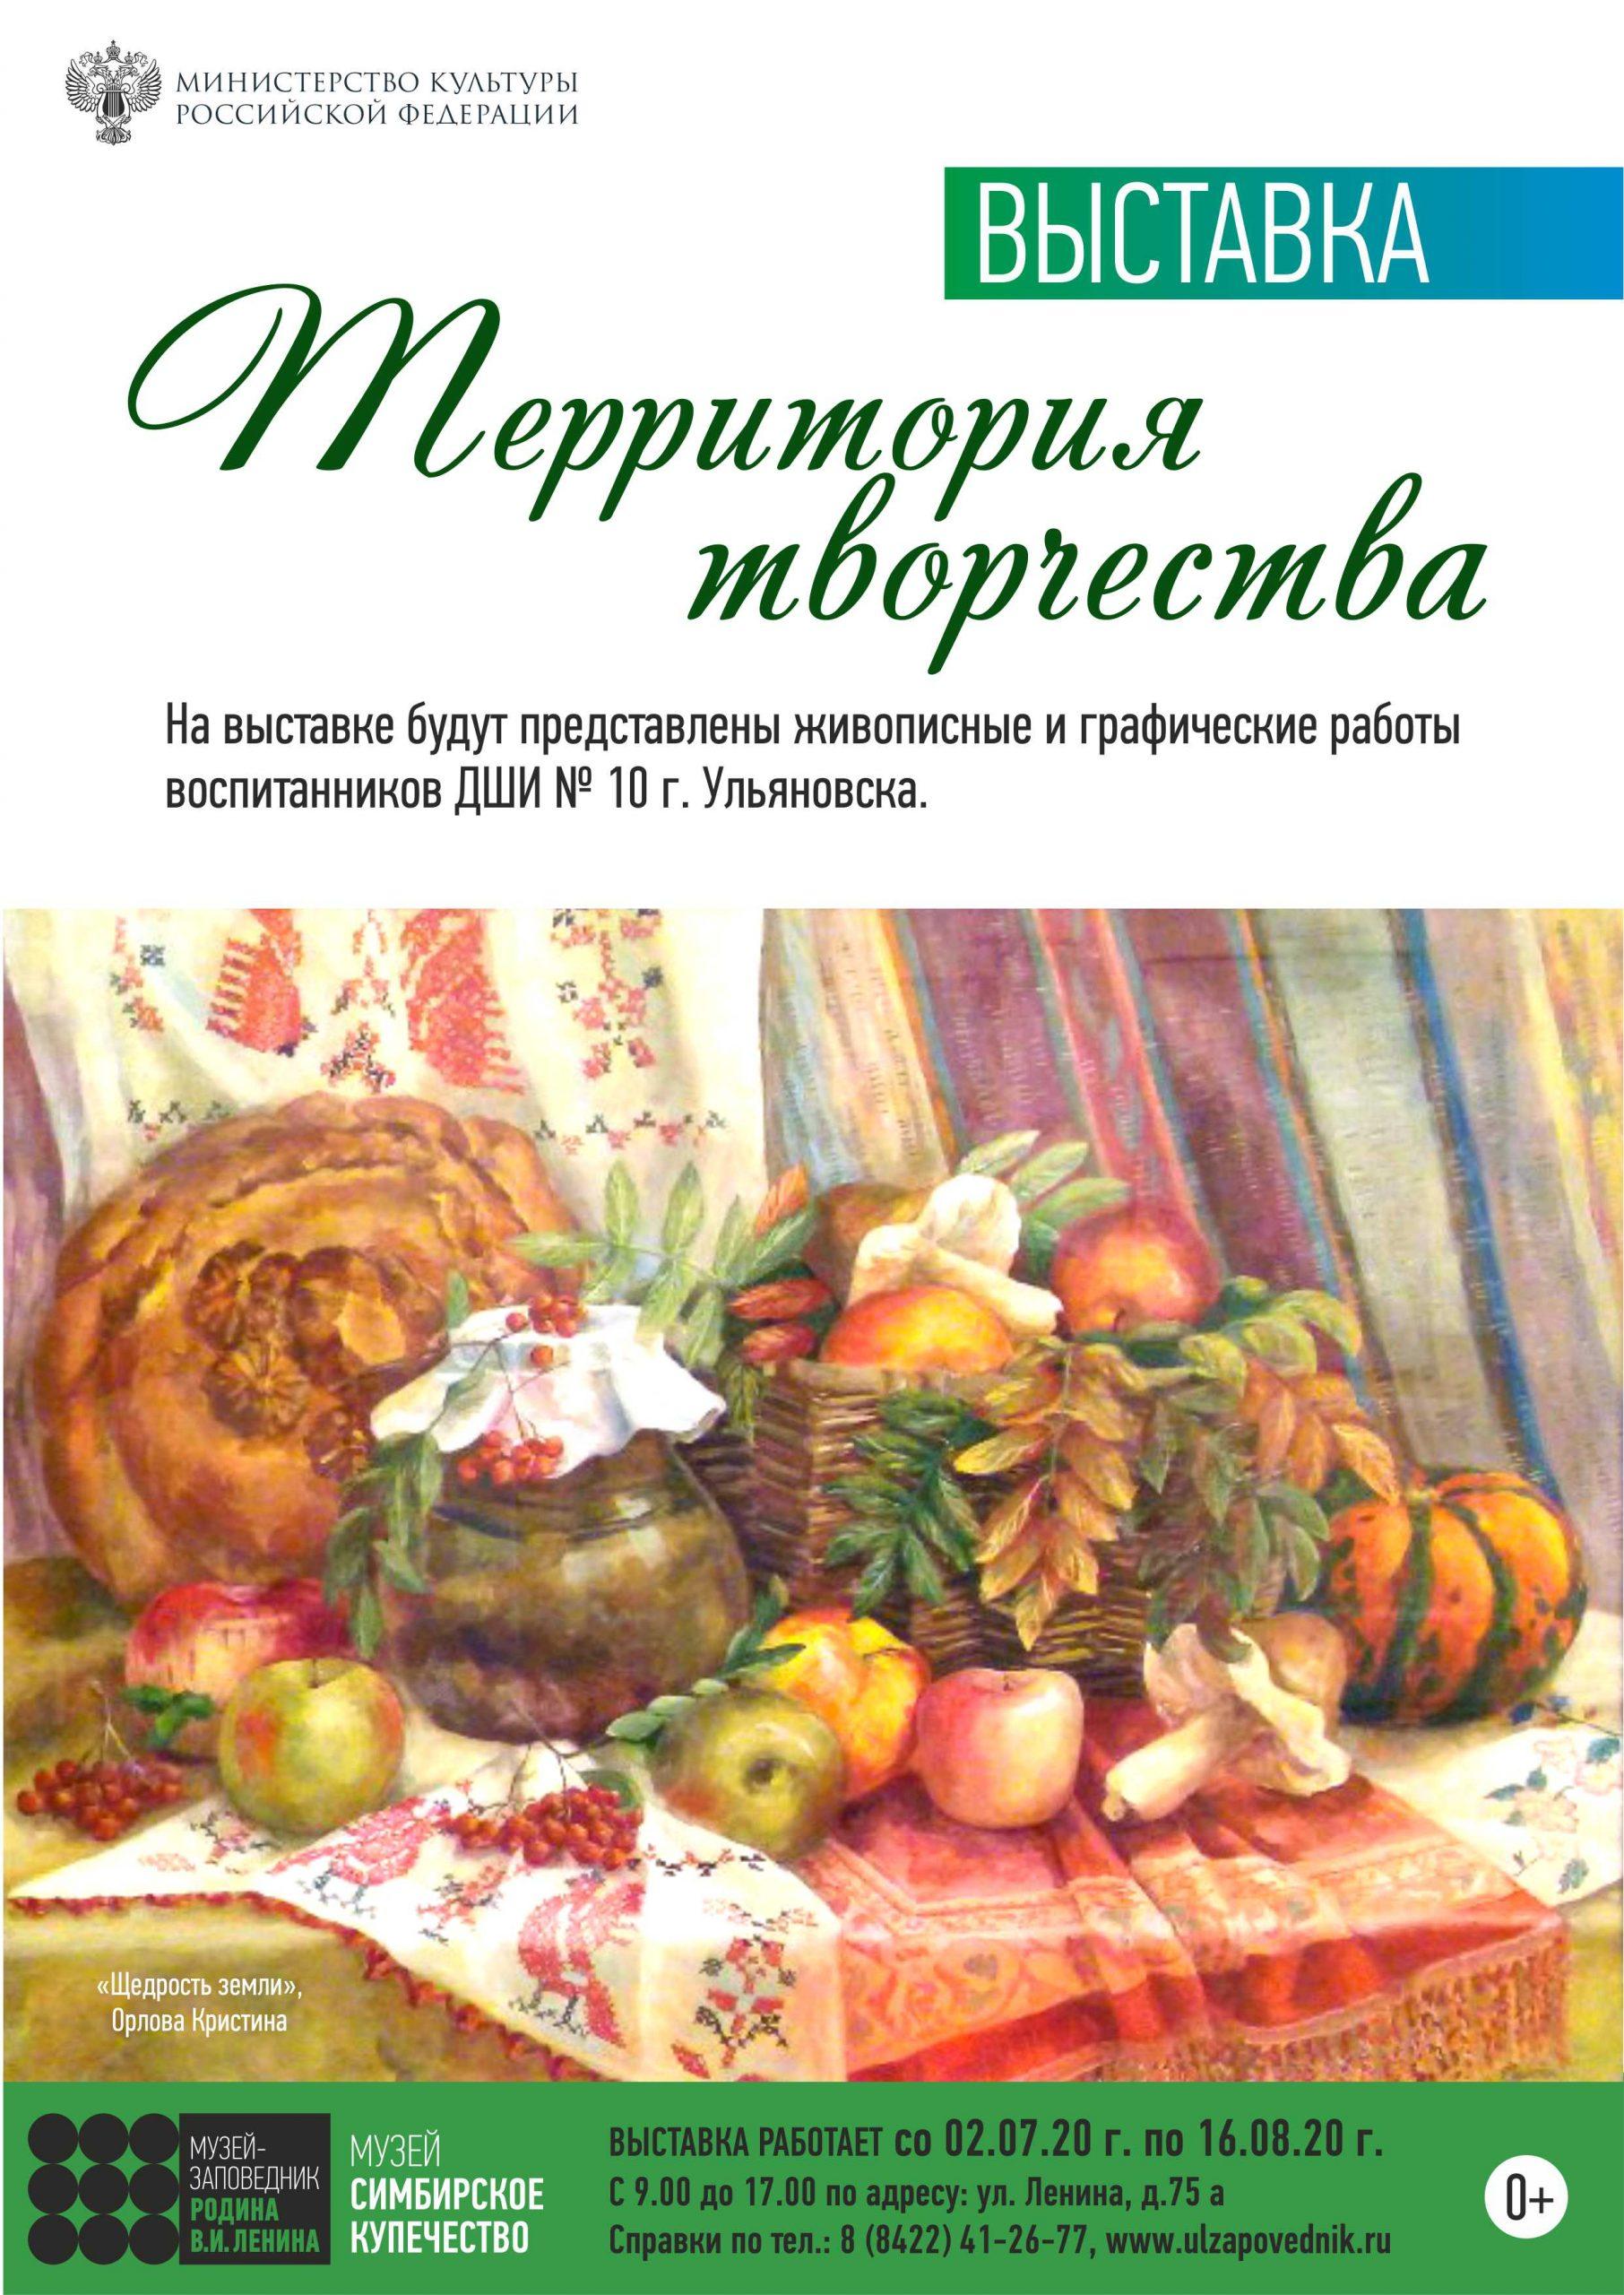 Выставка «Территория творчества» @ в музее «Симбирское купечество» (ул. Ленина, д. 75а)